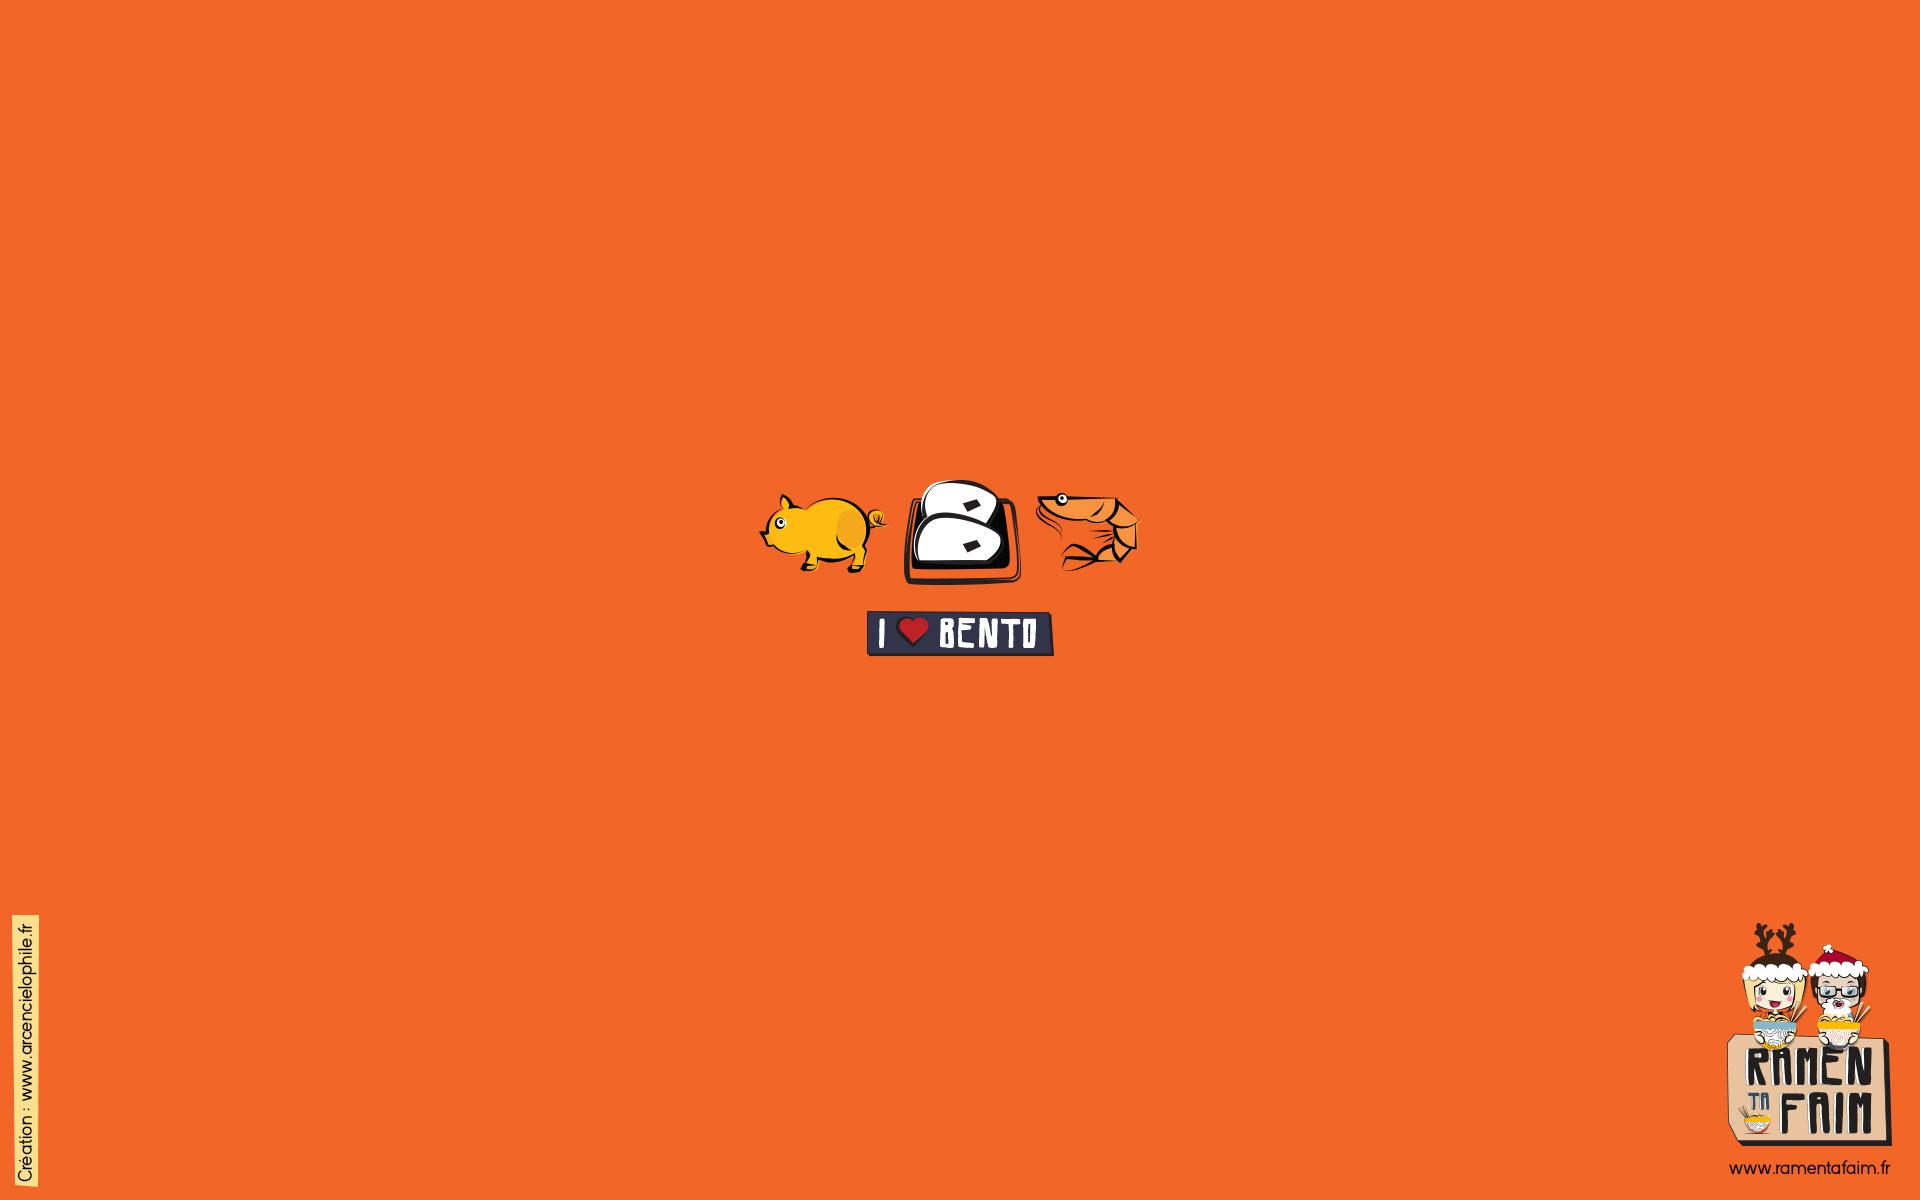 Fond d'écran 16-9  Bento